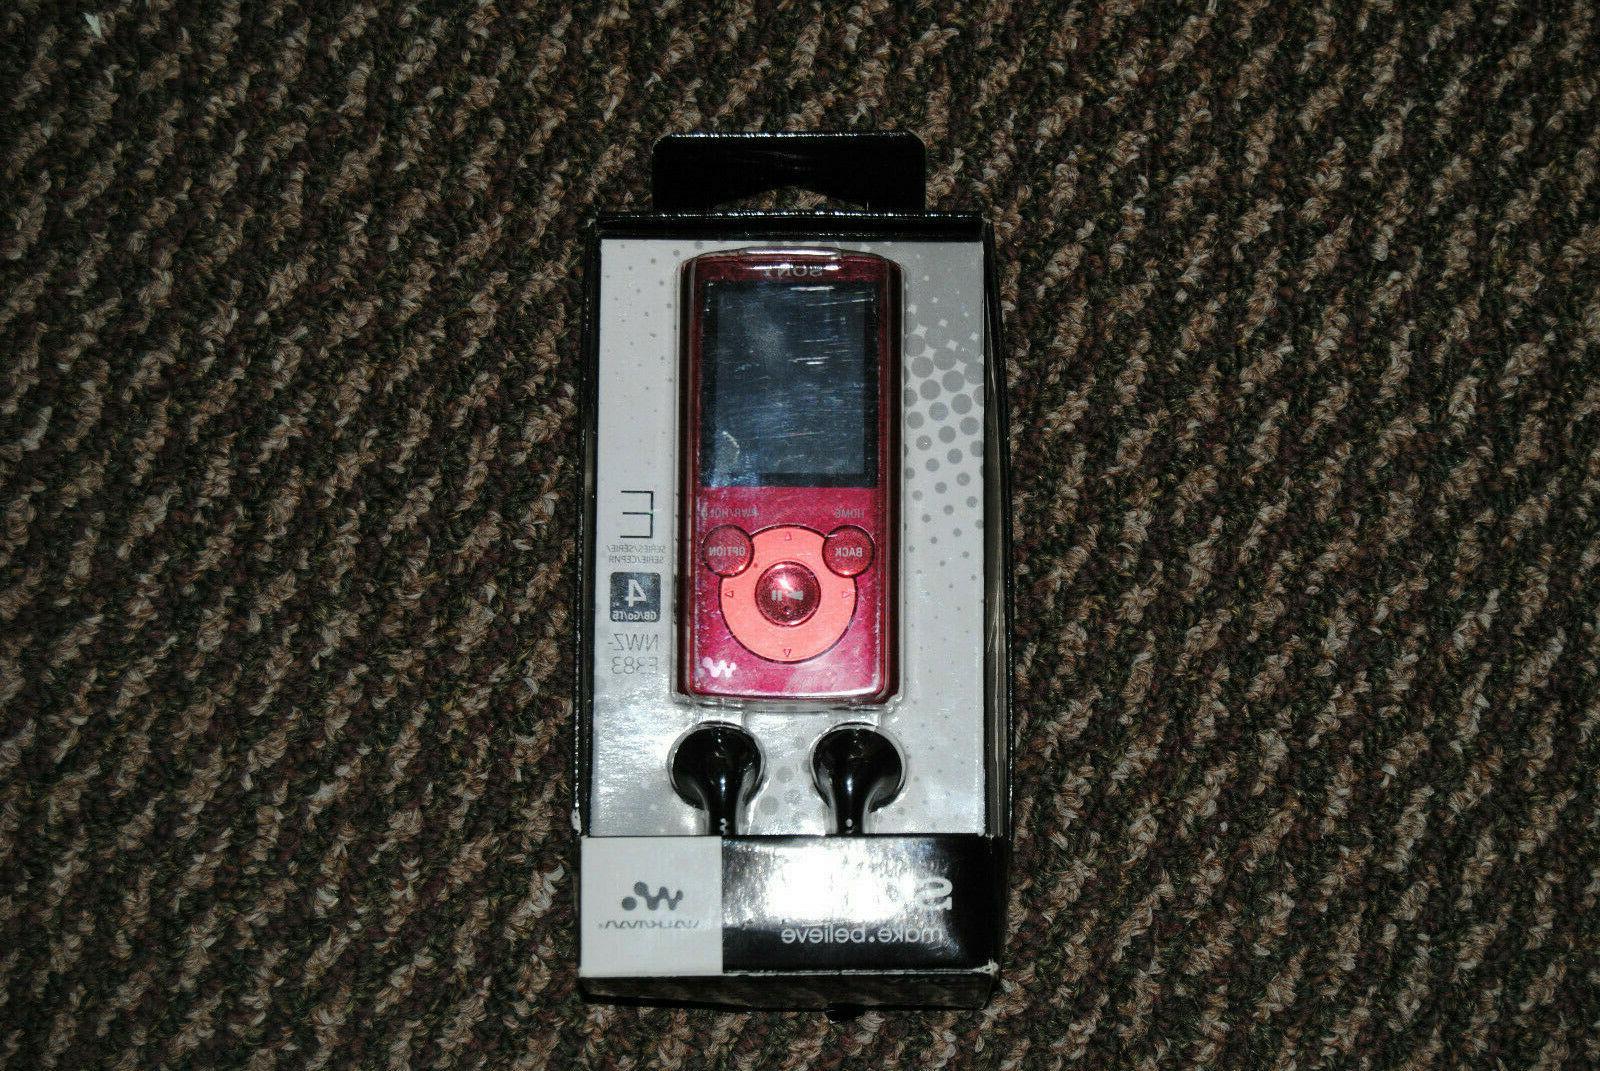 VTG 4GB WALKMAN Red Portable FM